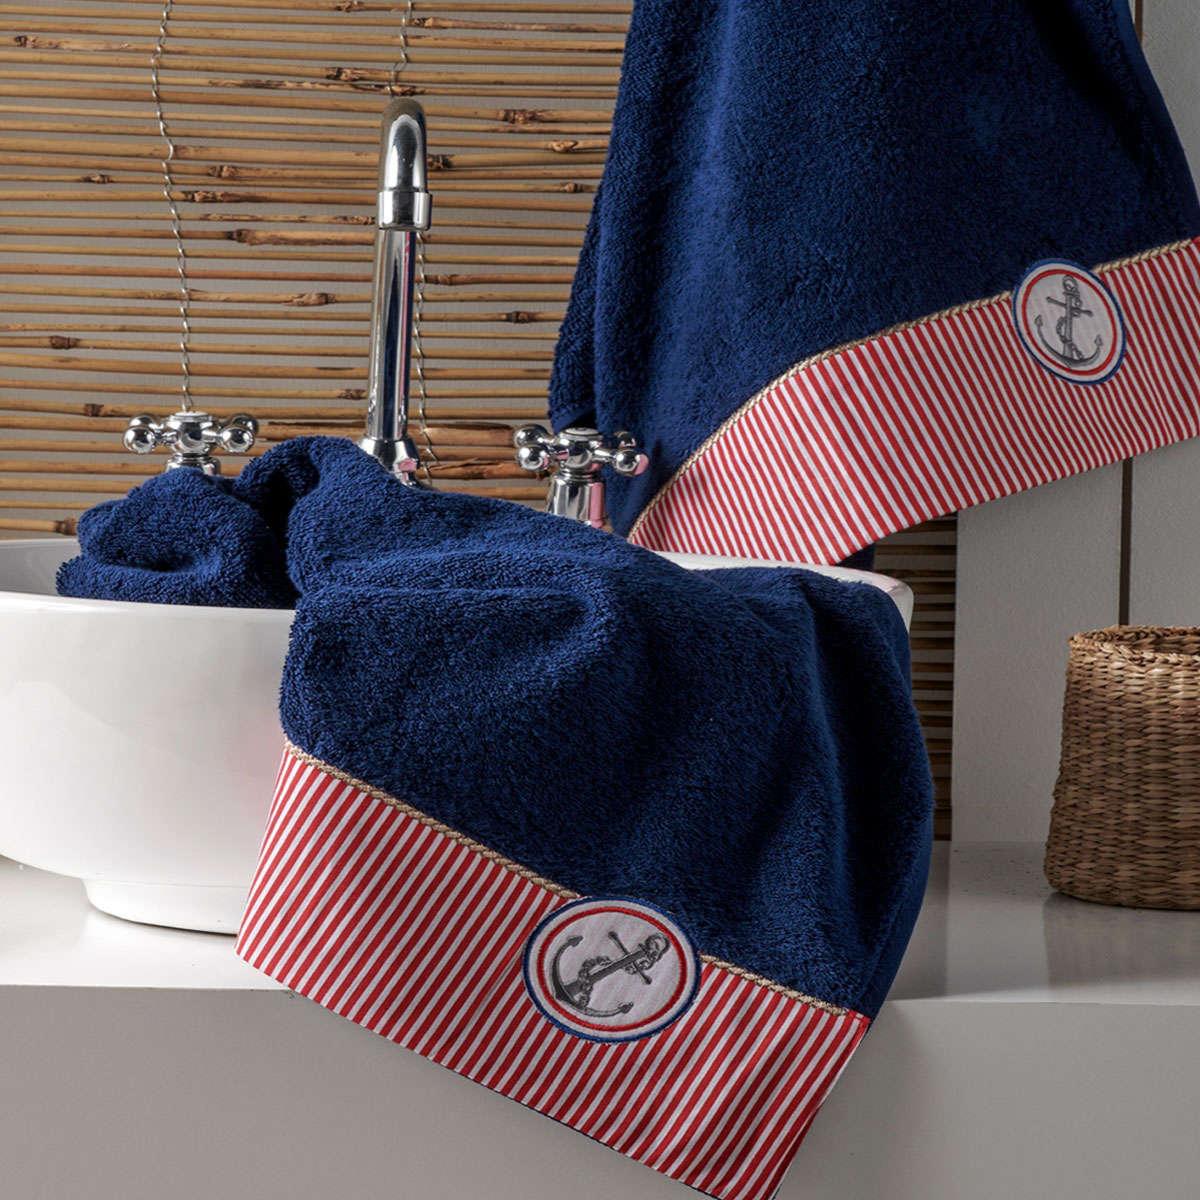 Πετσέτες Σετ Marina 01 Blue 3 Τεμ. Kentia Σετ Πετσέτες 70x140cm